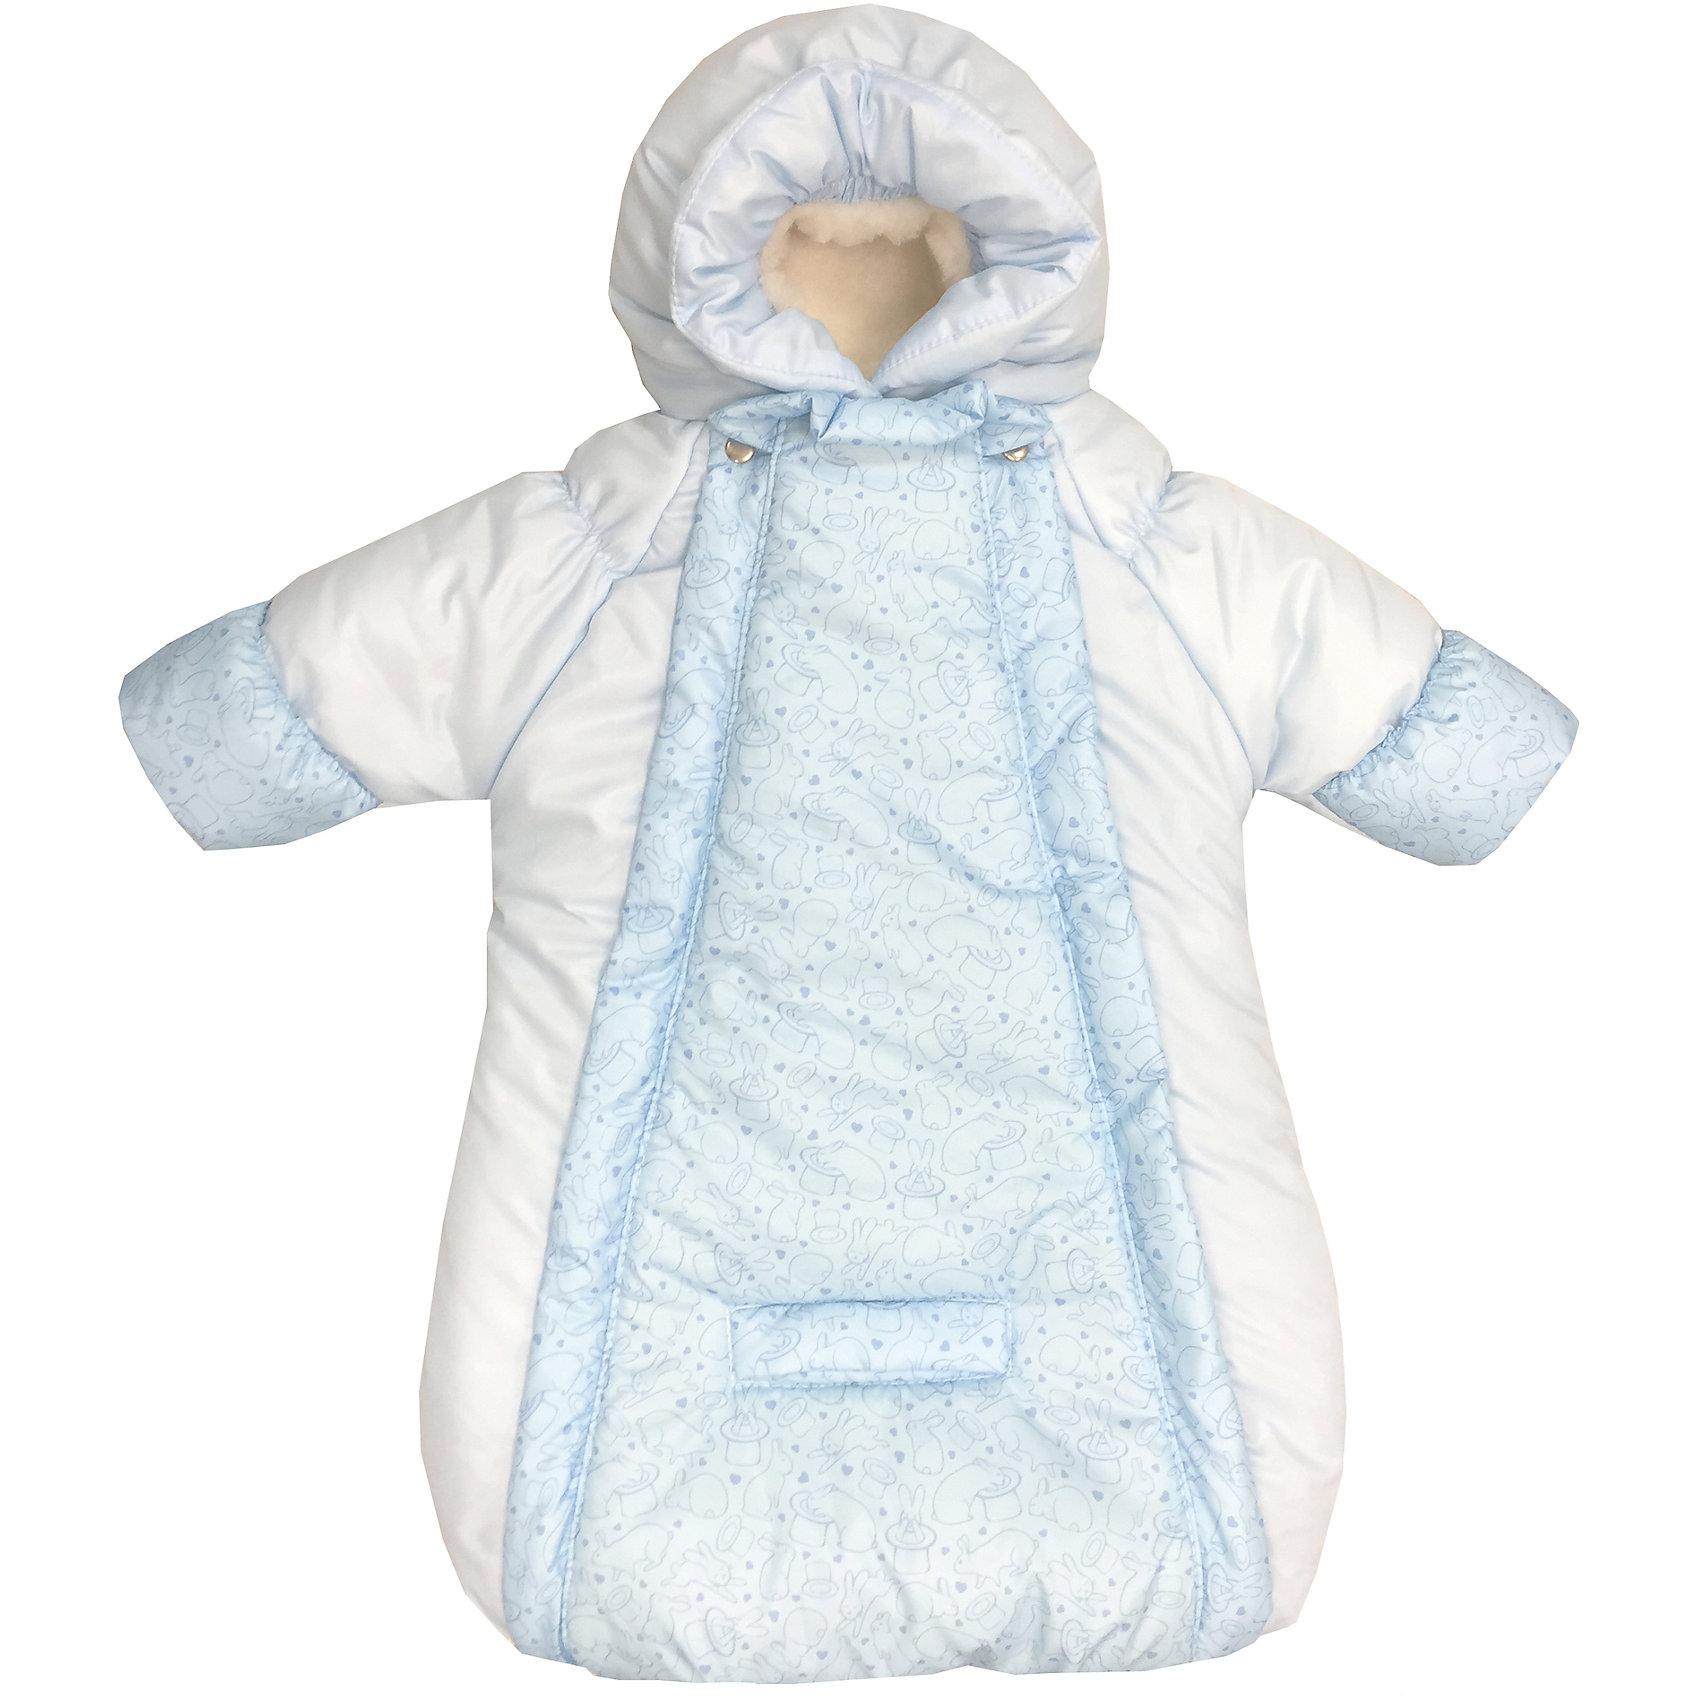 Конверт-комбинезон с ручками Зайчики, овчина, СуперМаМкет, голубойЗимние конверты<br>Характеристики:<br><br>• Вид детской одежды: верхняя<br>• Предназначение: для прогулок, на выписку<br>• Возраст: от 0 до 6 месяцев<br>• Сезон: зима<br>• Степень утепления: высокая<br>• Температурный режим: от 0? С до -30? С<br>• Пол: для мальчика<br>• Тематика рисунка: животные<br>• Цвет: голубой, молочный<br>• Материал: верх – мембрана (плащевка), утеплитель – 150 г. синтепона, подклад – овечий ворс на тканевой основе<br>• Форма конверта: комбинезон-конверт<br>• По бокам имеются застежки-молнии<br>• Застежка на кнопках у горловины<br>• На комбинезоне предусмотрены прорези как для 3-х точечных, так и для 5-ти точечных ремней безопасности<br>• У рукавов предусмотрены манжеты-отвороты<br>• Капюшон с регулировкой по овалу лица<br>• Размеры (Ш*Д): 45*75 см, длина от плеча до низа 56 см<br>• Вес: 800 г <br>• Особенности ухода: допускается деликатная стирка без использования красящих и отбеливающих средств<br><br>Комбинезон-конверт от СуперМаМкет выполнен в форме расширенного книзу кокона, на рукавах предусмотрены отвороты для защиты от холода детских ручек, капюшон имеет регулировку по овалу лица, а у горловины имеются застежки на кнопках. Верх изделия выполнен из плащевки, которая отличается повышенными качествами износоустойчивости и обладает повышенными защитными свойствами от влаги и ветра. Изделие имеет двойное утепление: из синтепона (150 г.) и подклада, выполненного из специально обработанного овечьего ворса, что обеспечивает повышенные теплоизоляционные свойства и придает изделию дополнительную мягкость. Конверт-комбинезон с ручками Зайчики, овчина, СуперМаМкет, голубой оснащен боковыми застежками-молниями, которые расстегиваются до самого низа, что обеспечивает удобство в одевании ребенка. <br><br>Конверт-комбинезон с ручками Зайчики, овчина, СуперМаМкет, голубой можно купить в нашем интернет-магазине.<br><br>Ширина мм: 750<br>Глубина мм: 450<br>Высота мм: 100<br>Вес г: 600<br>В